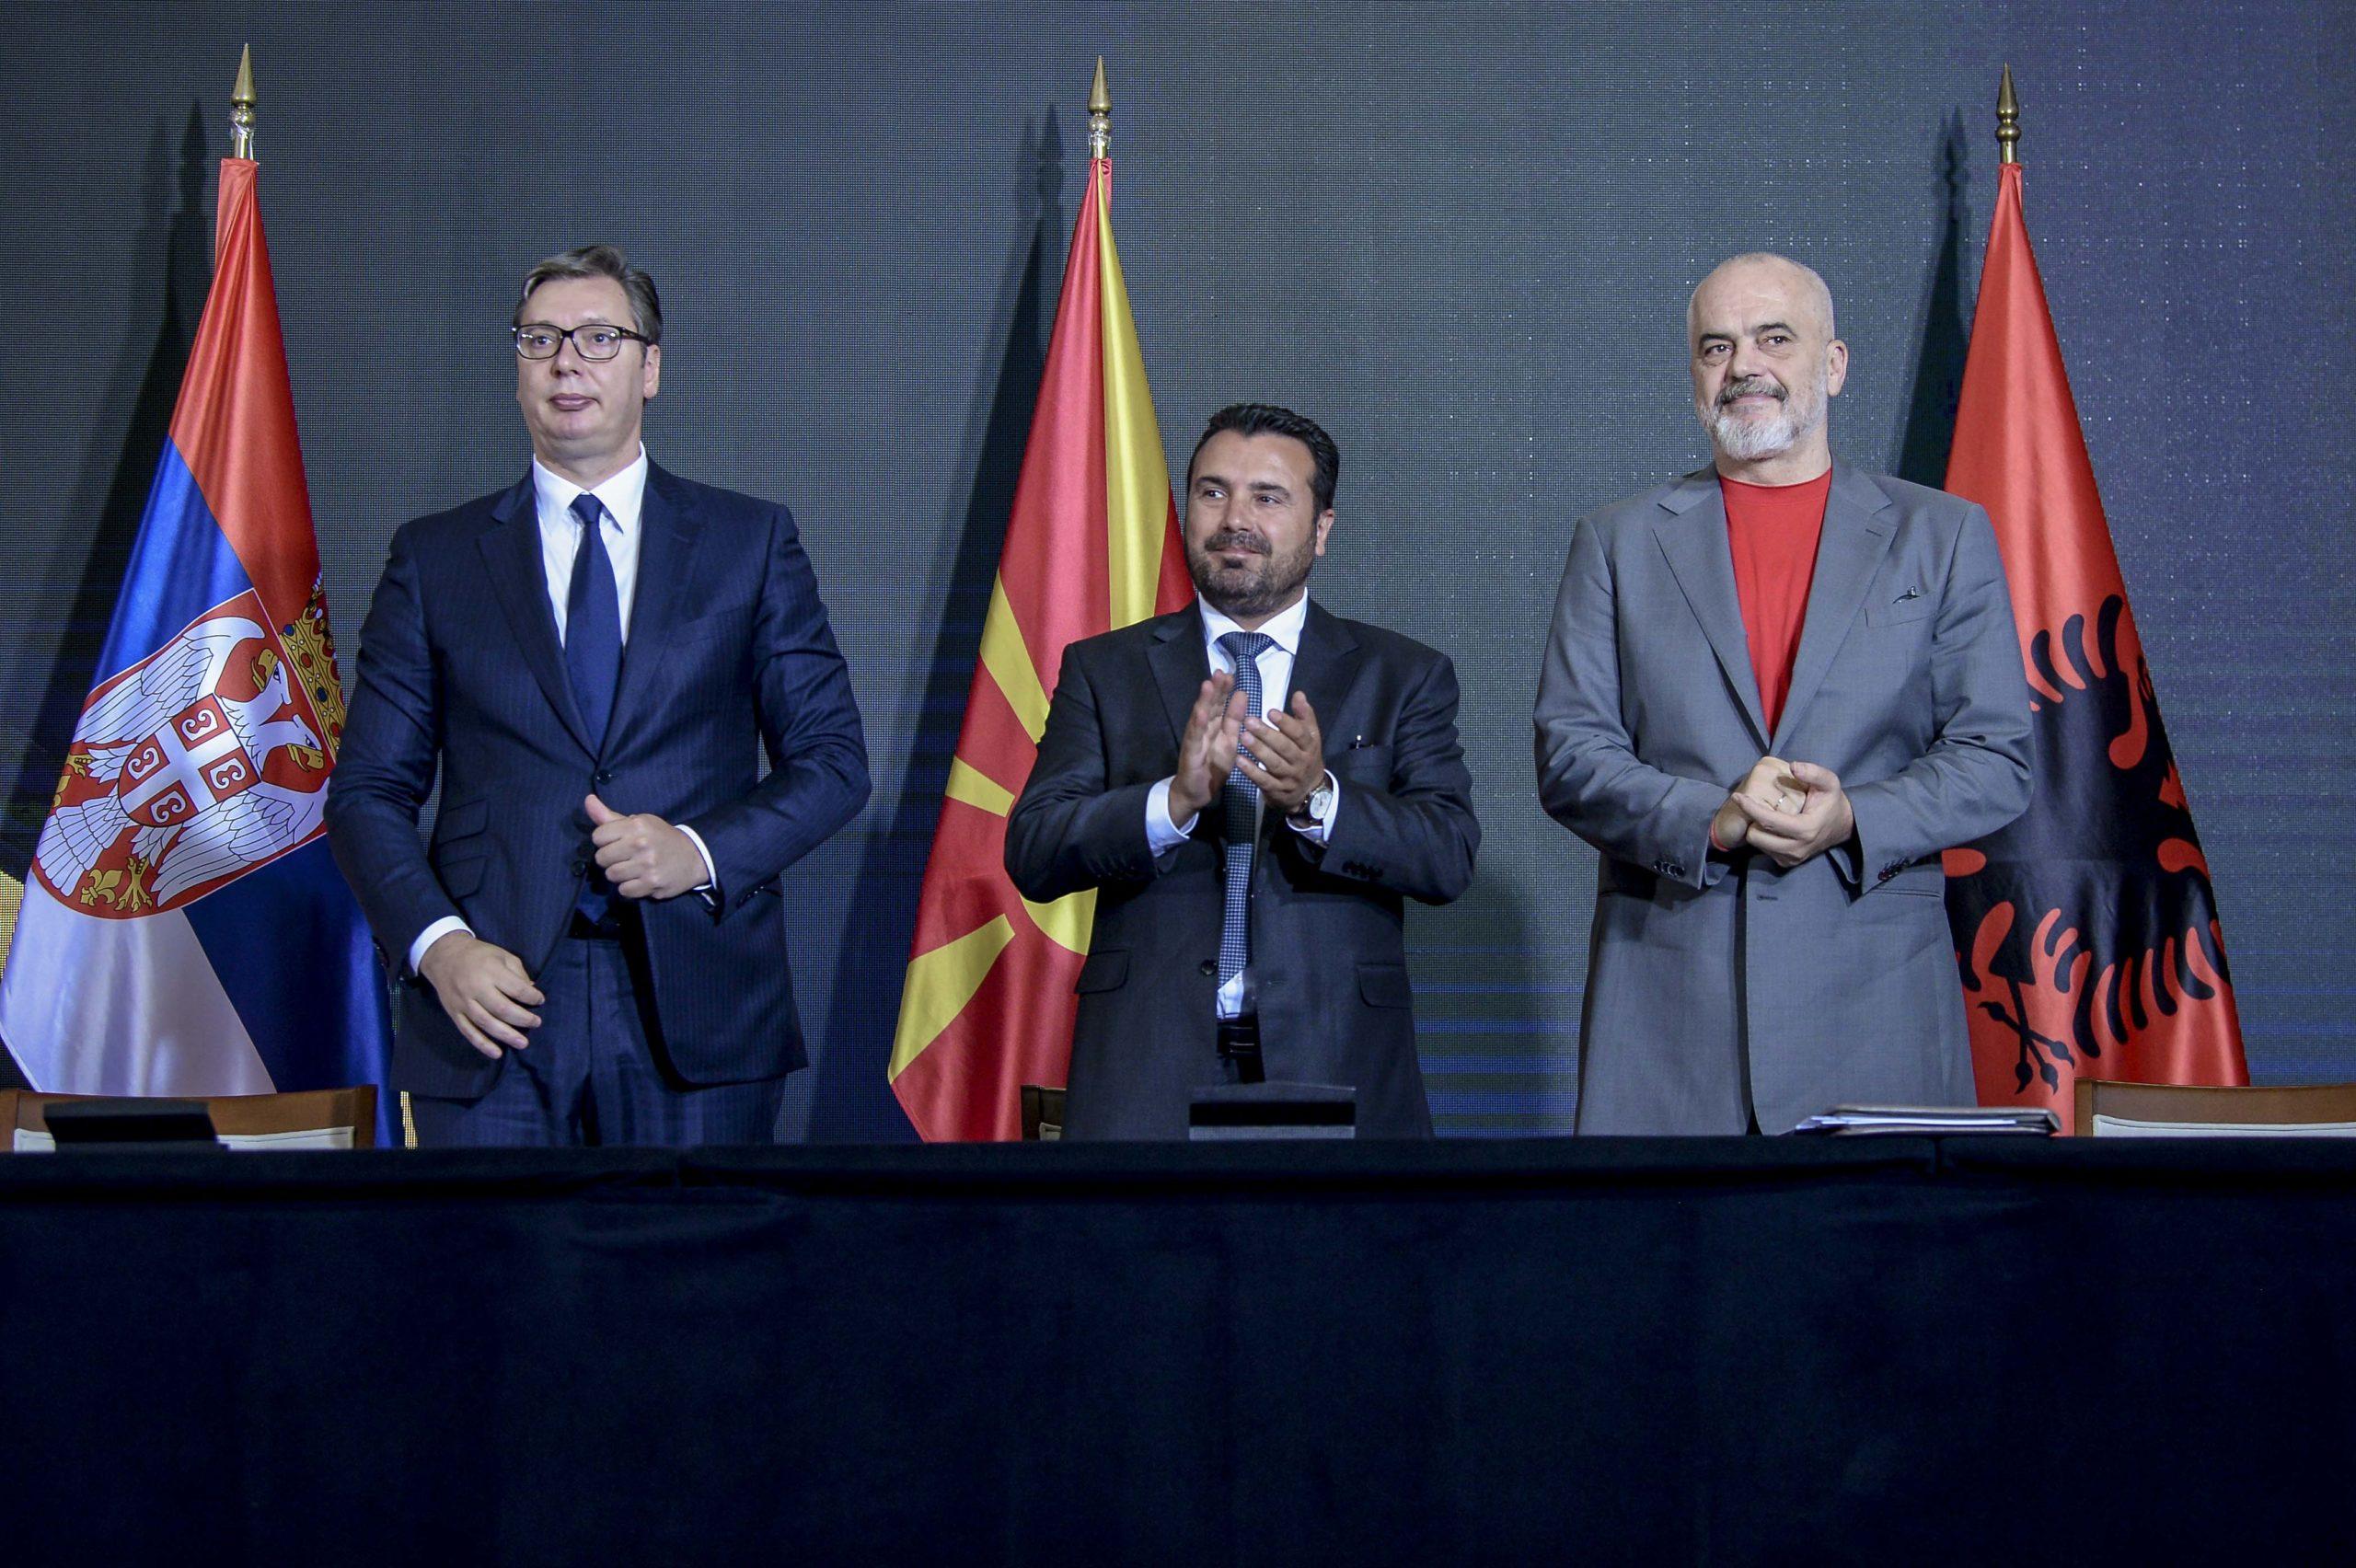 Serbian Aleksandar Vučić, Albanian Edi Rama ja Pohjois-Makedonian Zoran Zaev allekirjoittivat yhteistyösopimuksen heinäkuussa. Kuva: Wikimedia Commons